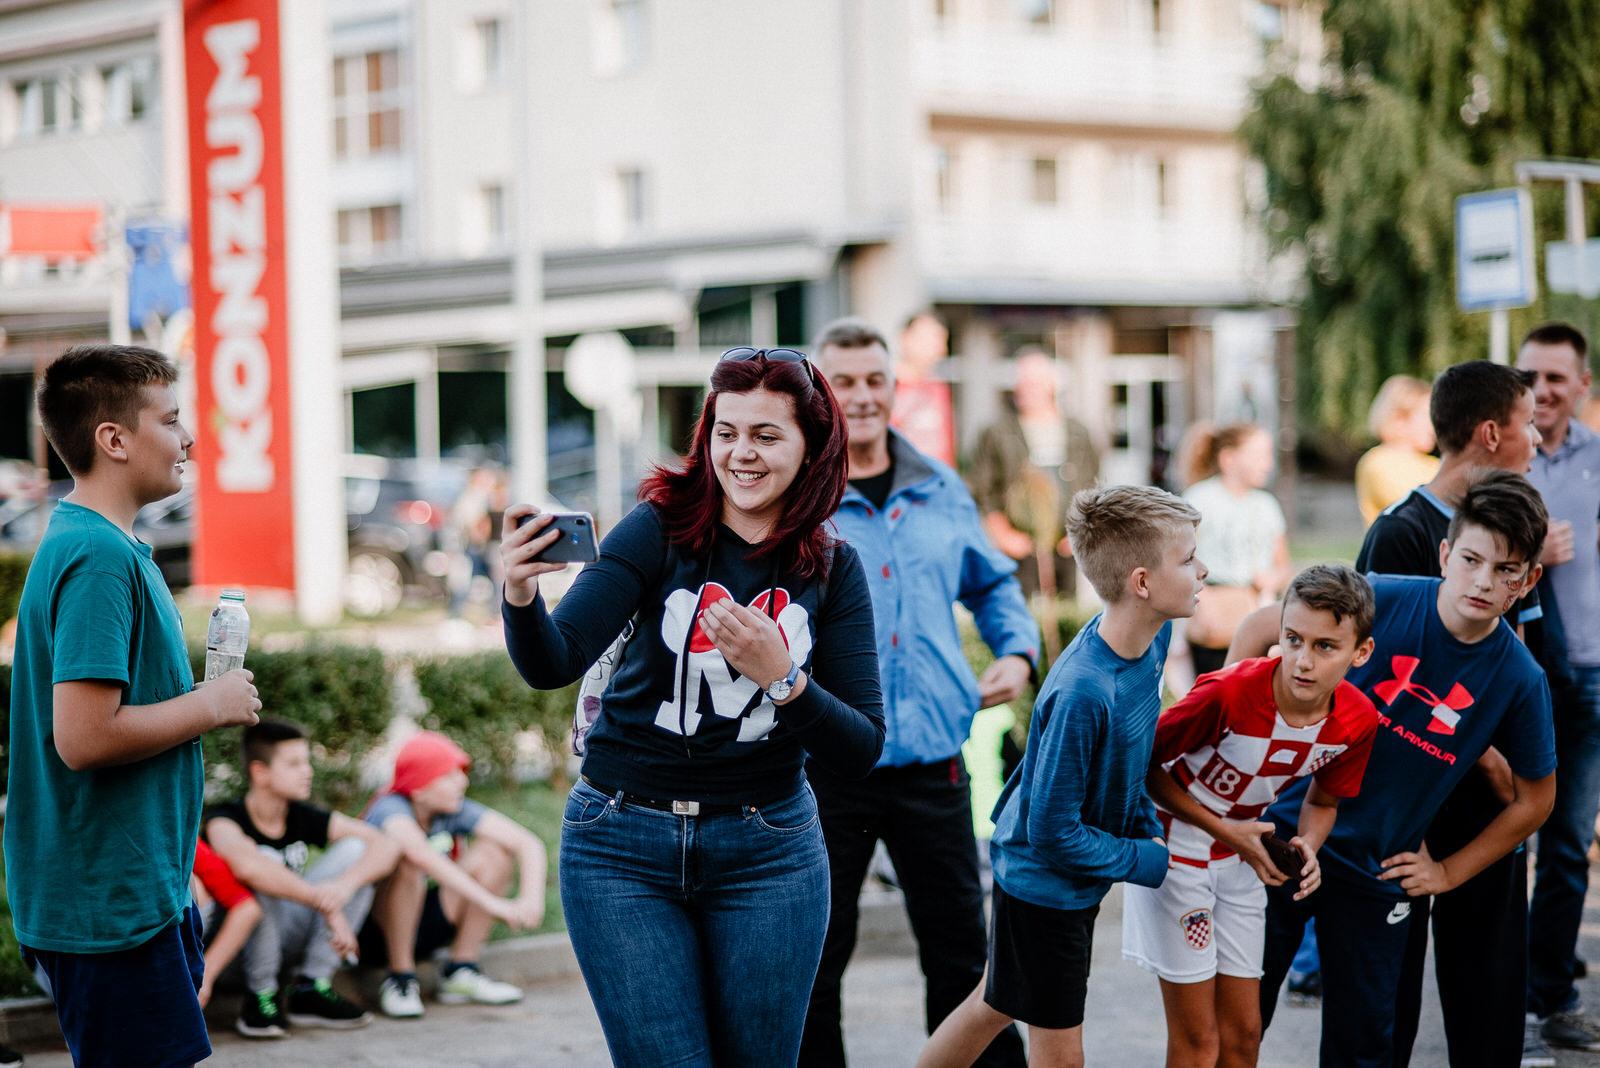 likaclub_korenica_noćna-utrka-2019-12